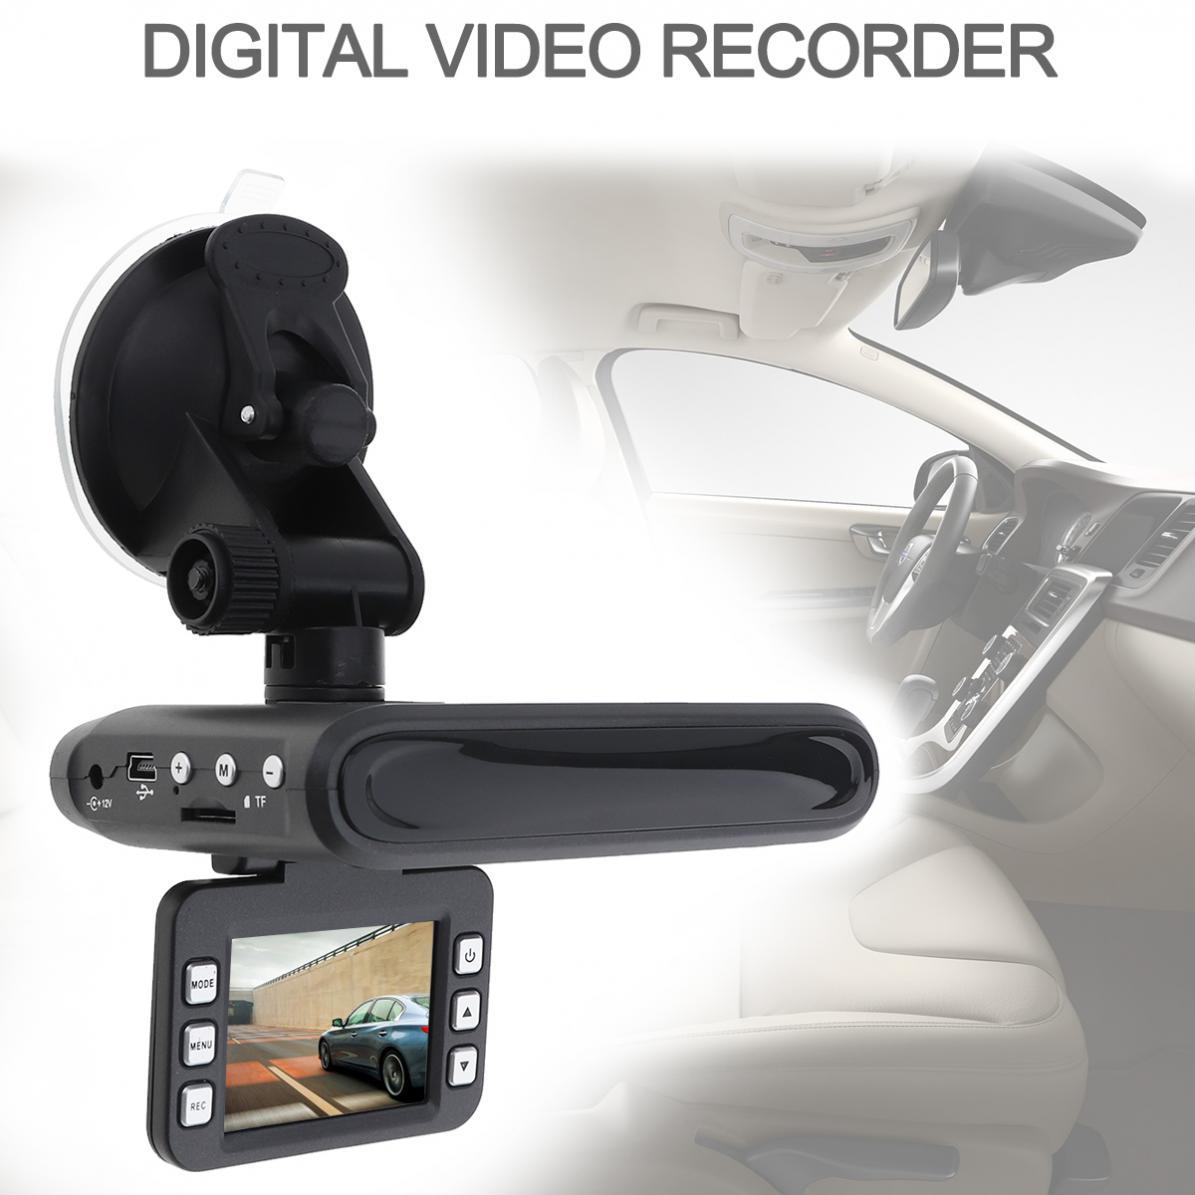 Meilleur 2 dans 1 Voiture Radar Détecteur de vitesse De Voiture DVR HD Dash Camera Recorder anti détecteur de radar caméra avec G -capteur de voiture électronique